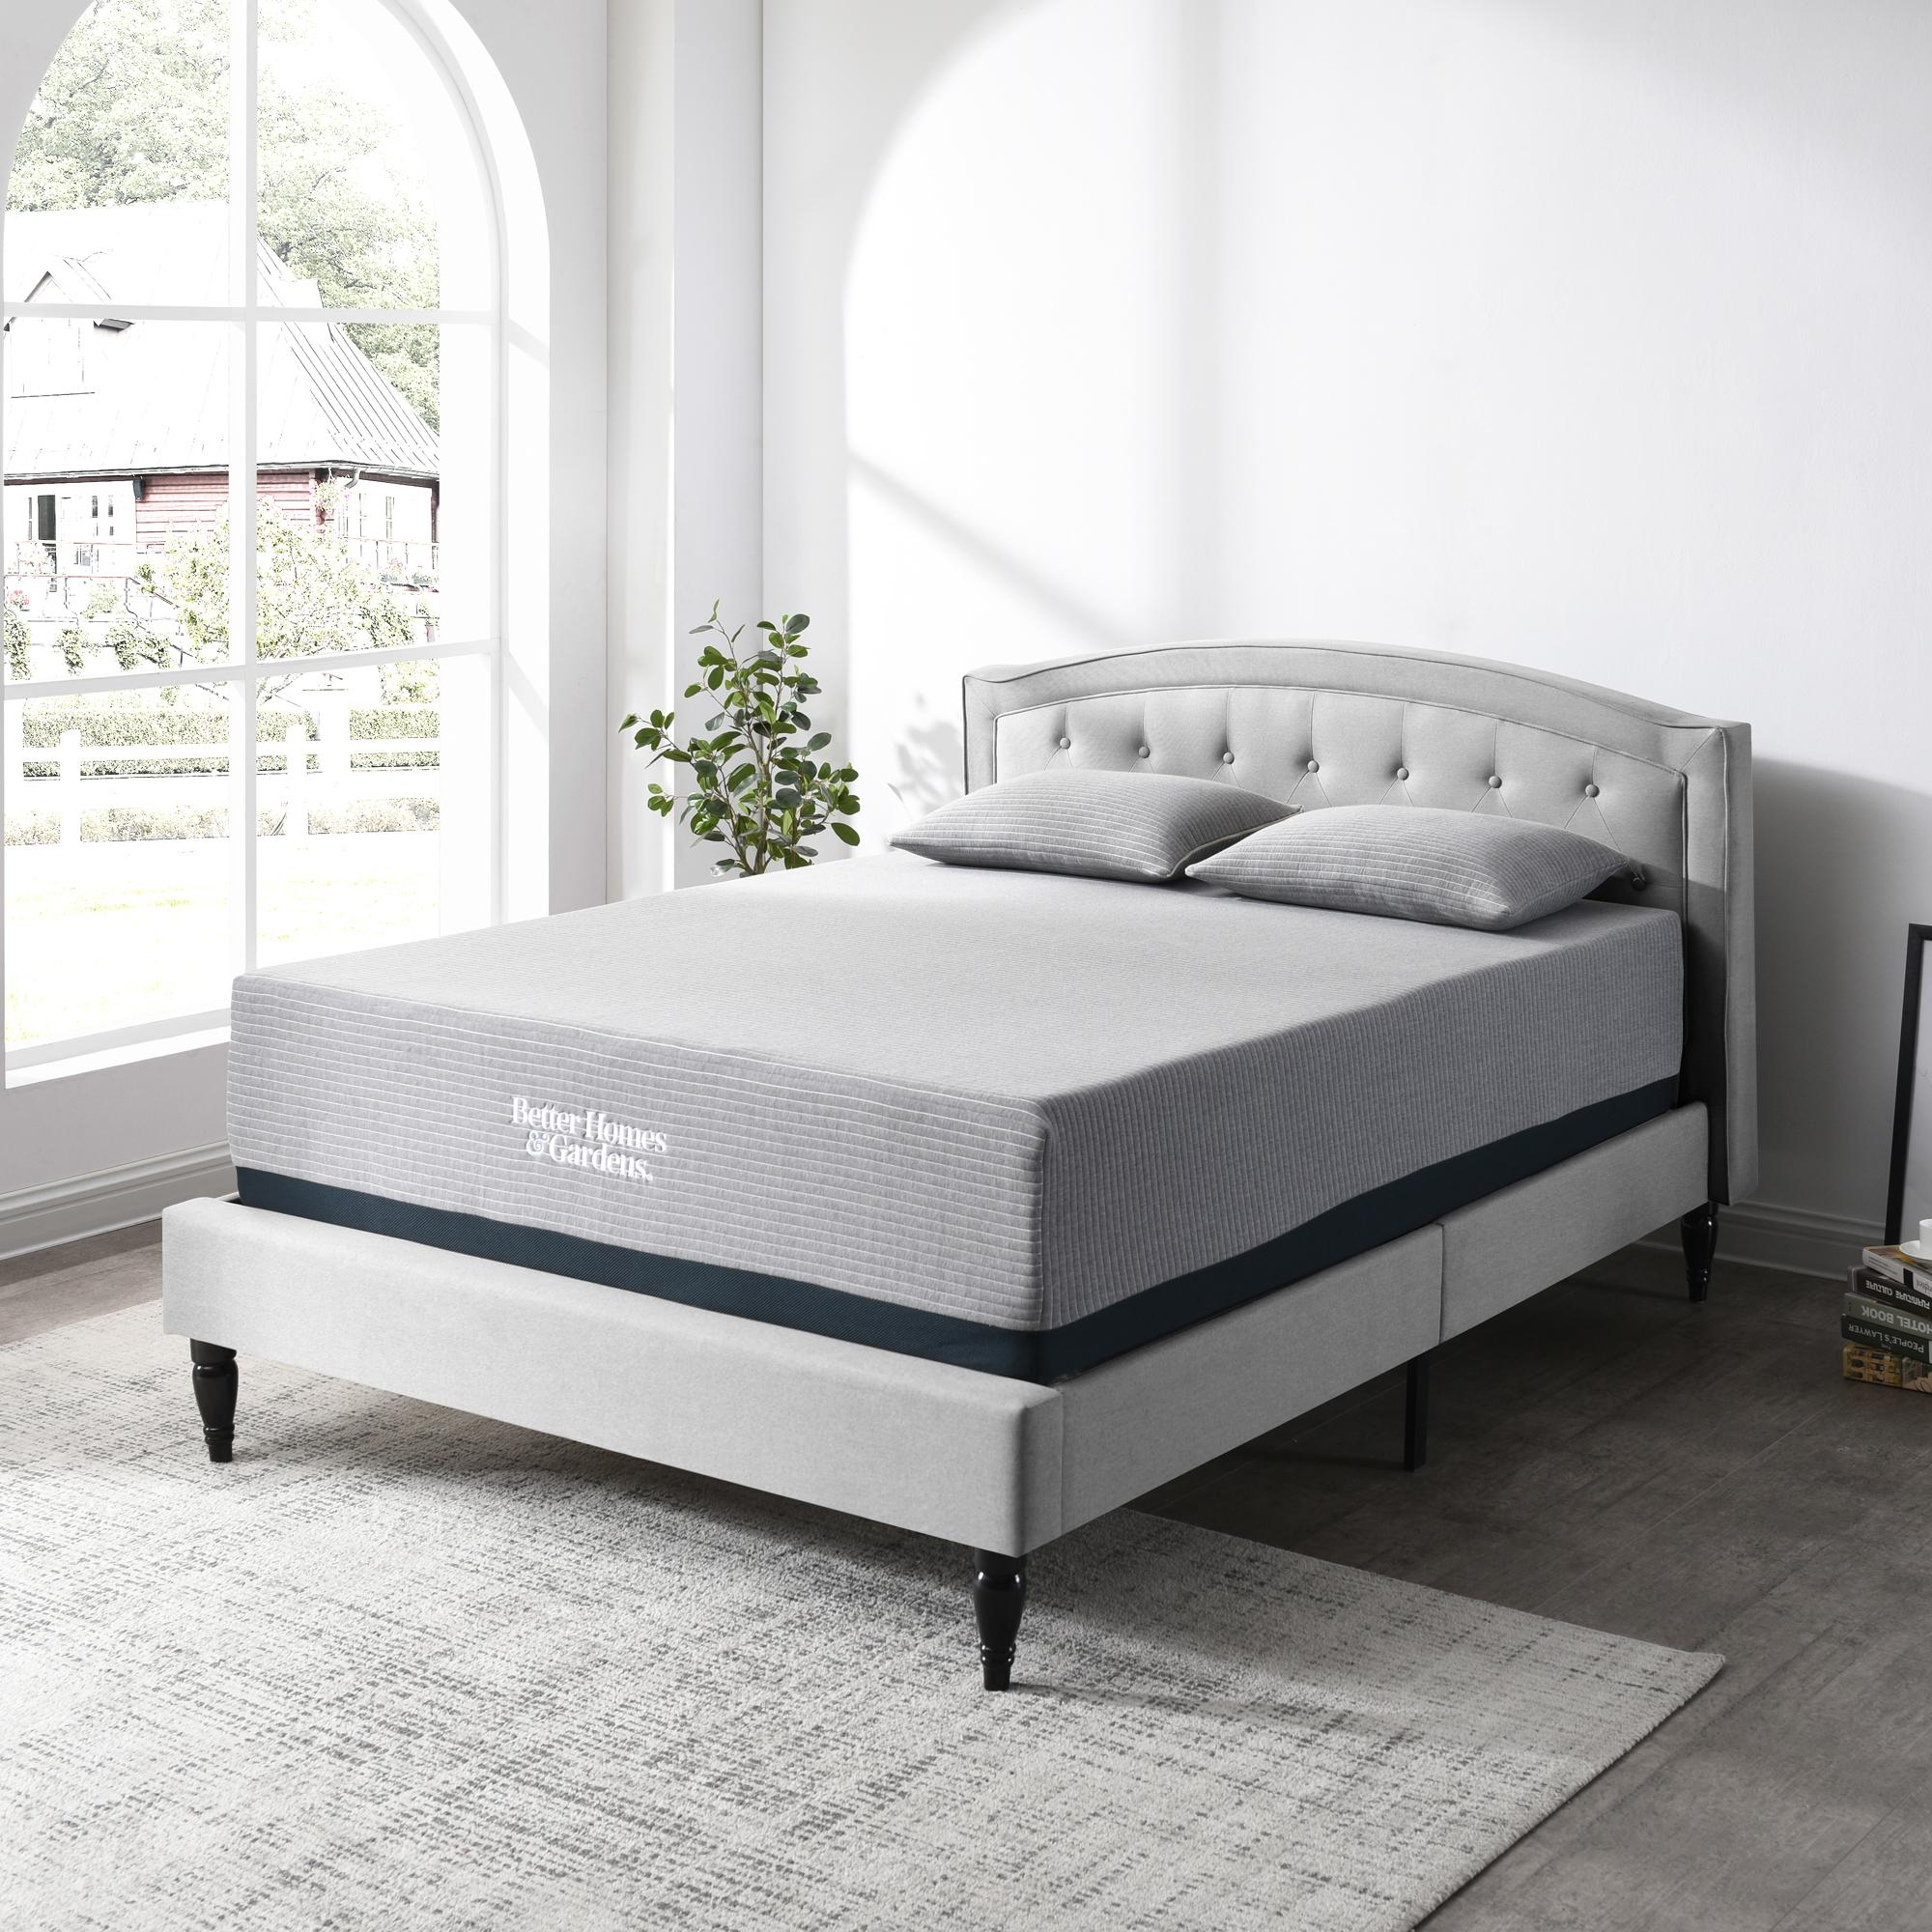 Better Homes & Gardens 14-Inch Gel Memory Foam Mattress with BONUS 2 Pillows